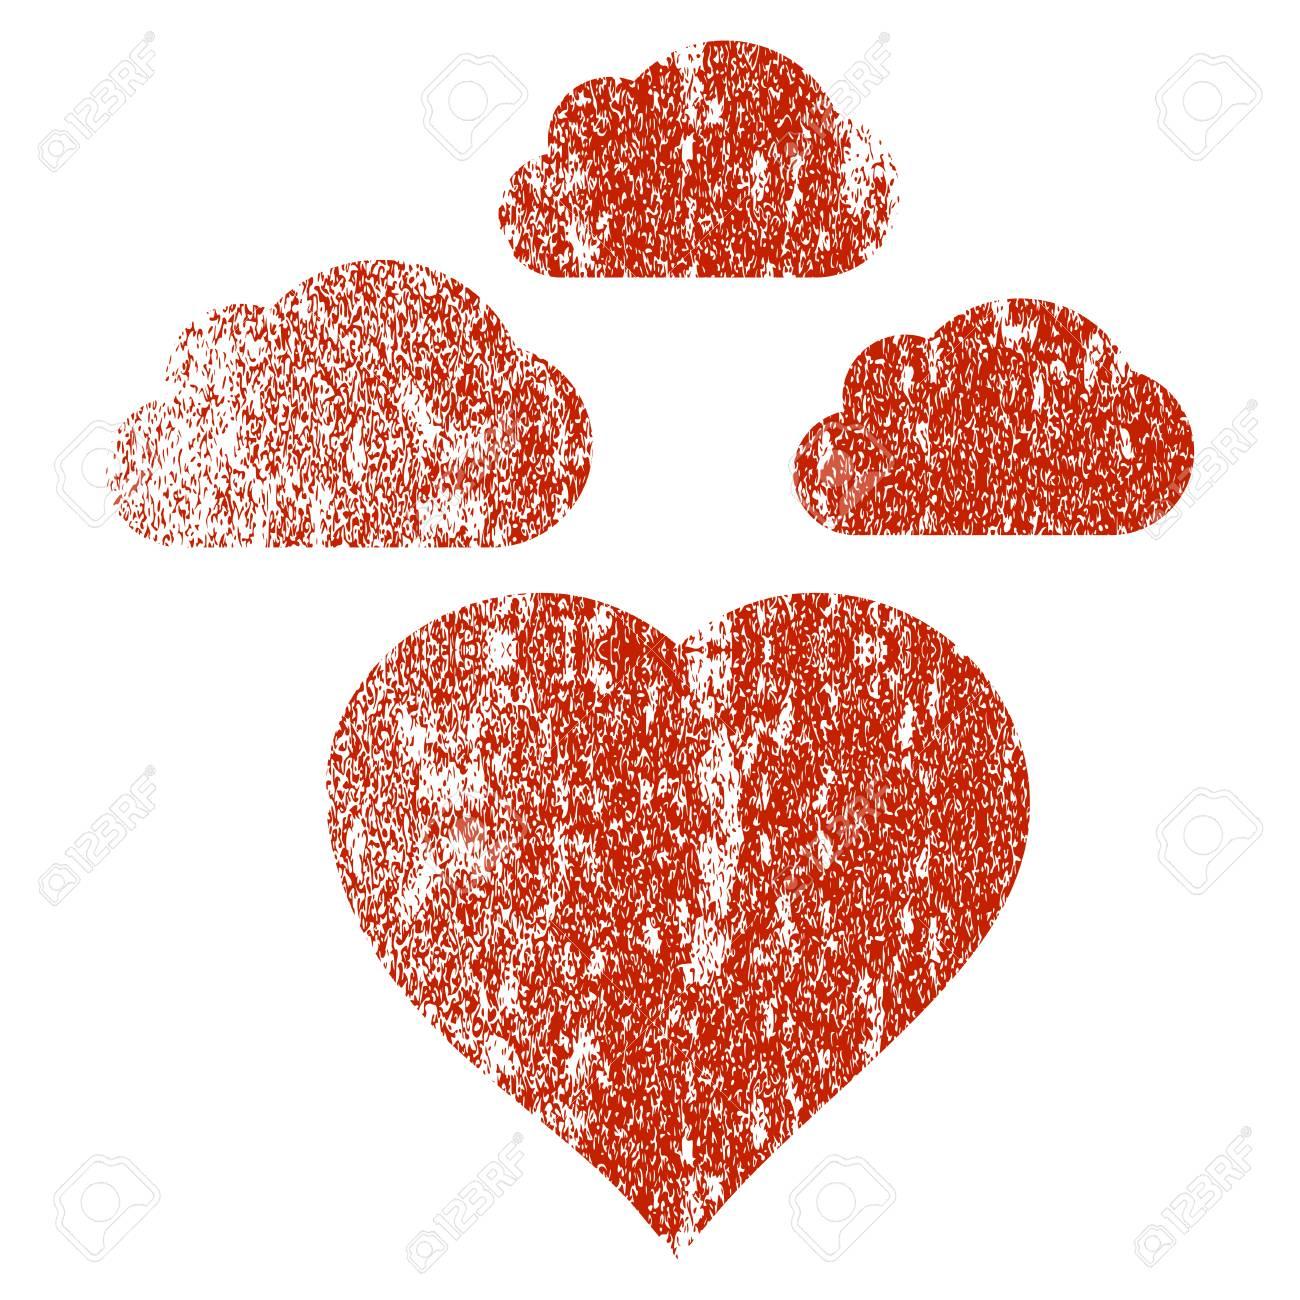 Nublado Amor Corazón Grunge Textura Icono De Sellos De Marca De Agua De Recubrimiento Símbolo Plano Con Textura Sucia Sello De Goma Rojo Texturizado